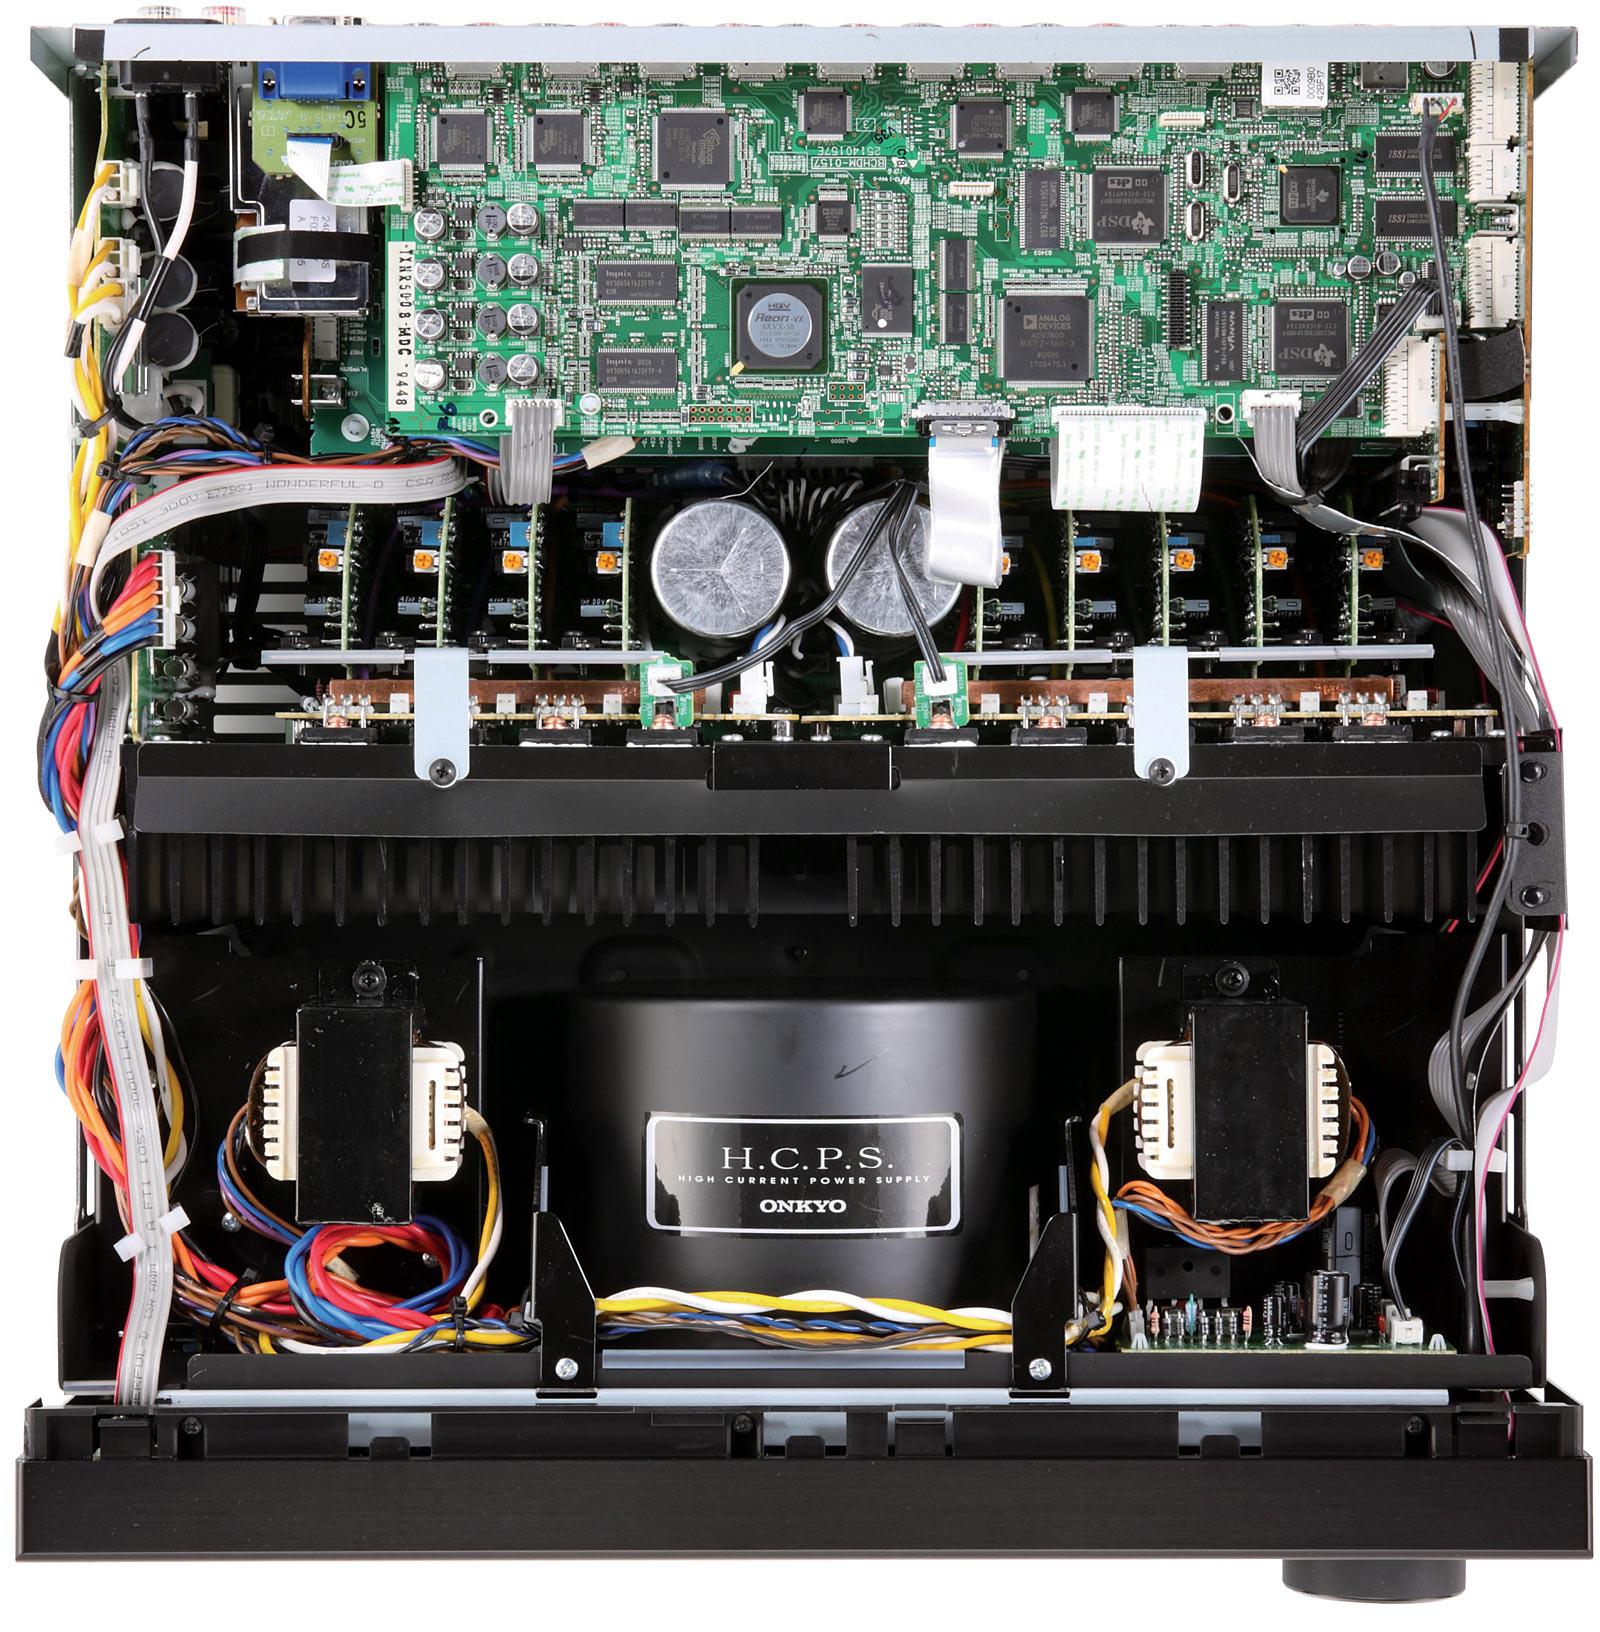 11 Ixbtcom Ic Power Pm8005 002